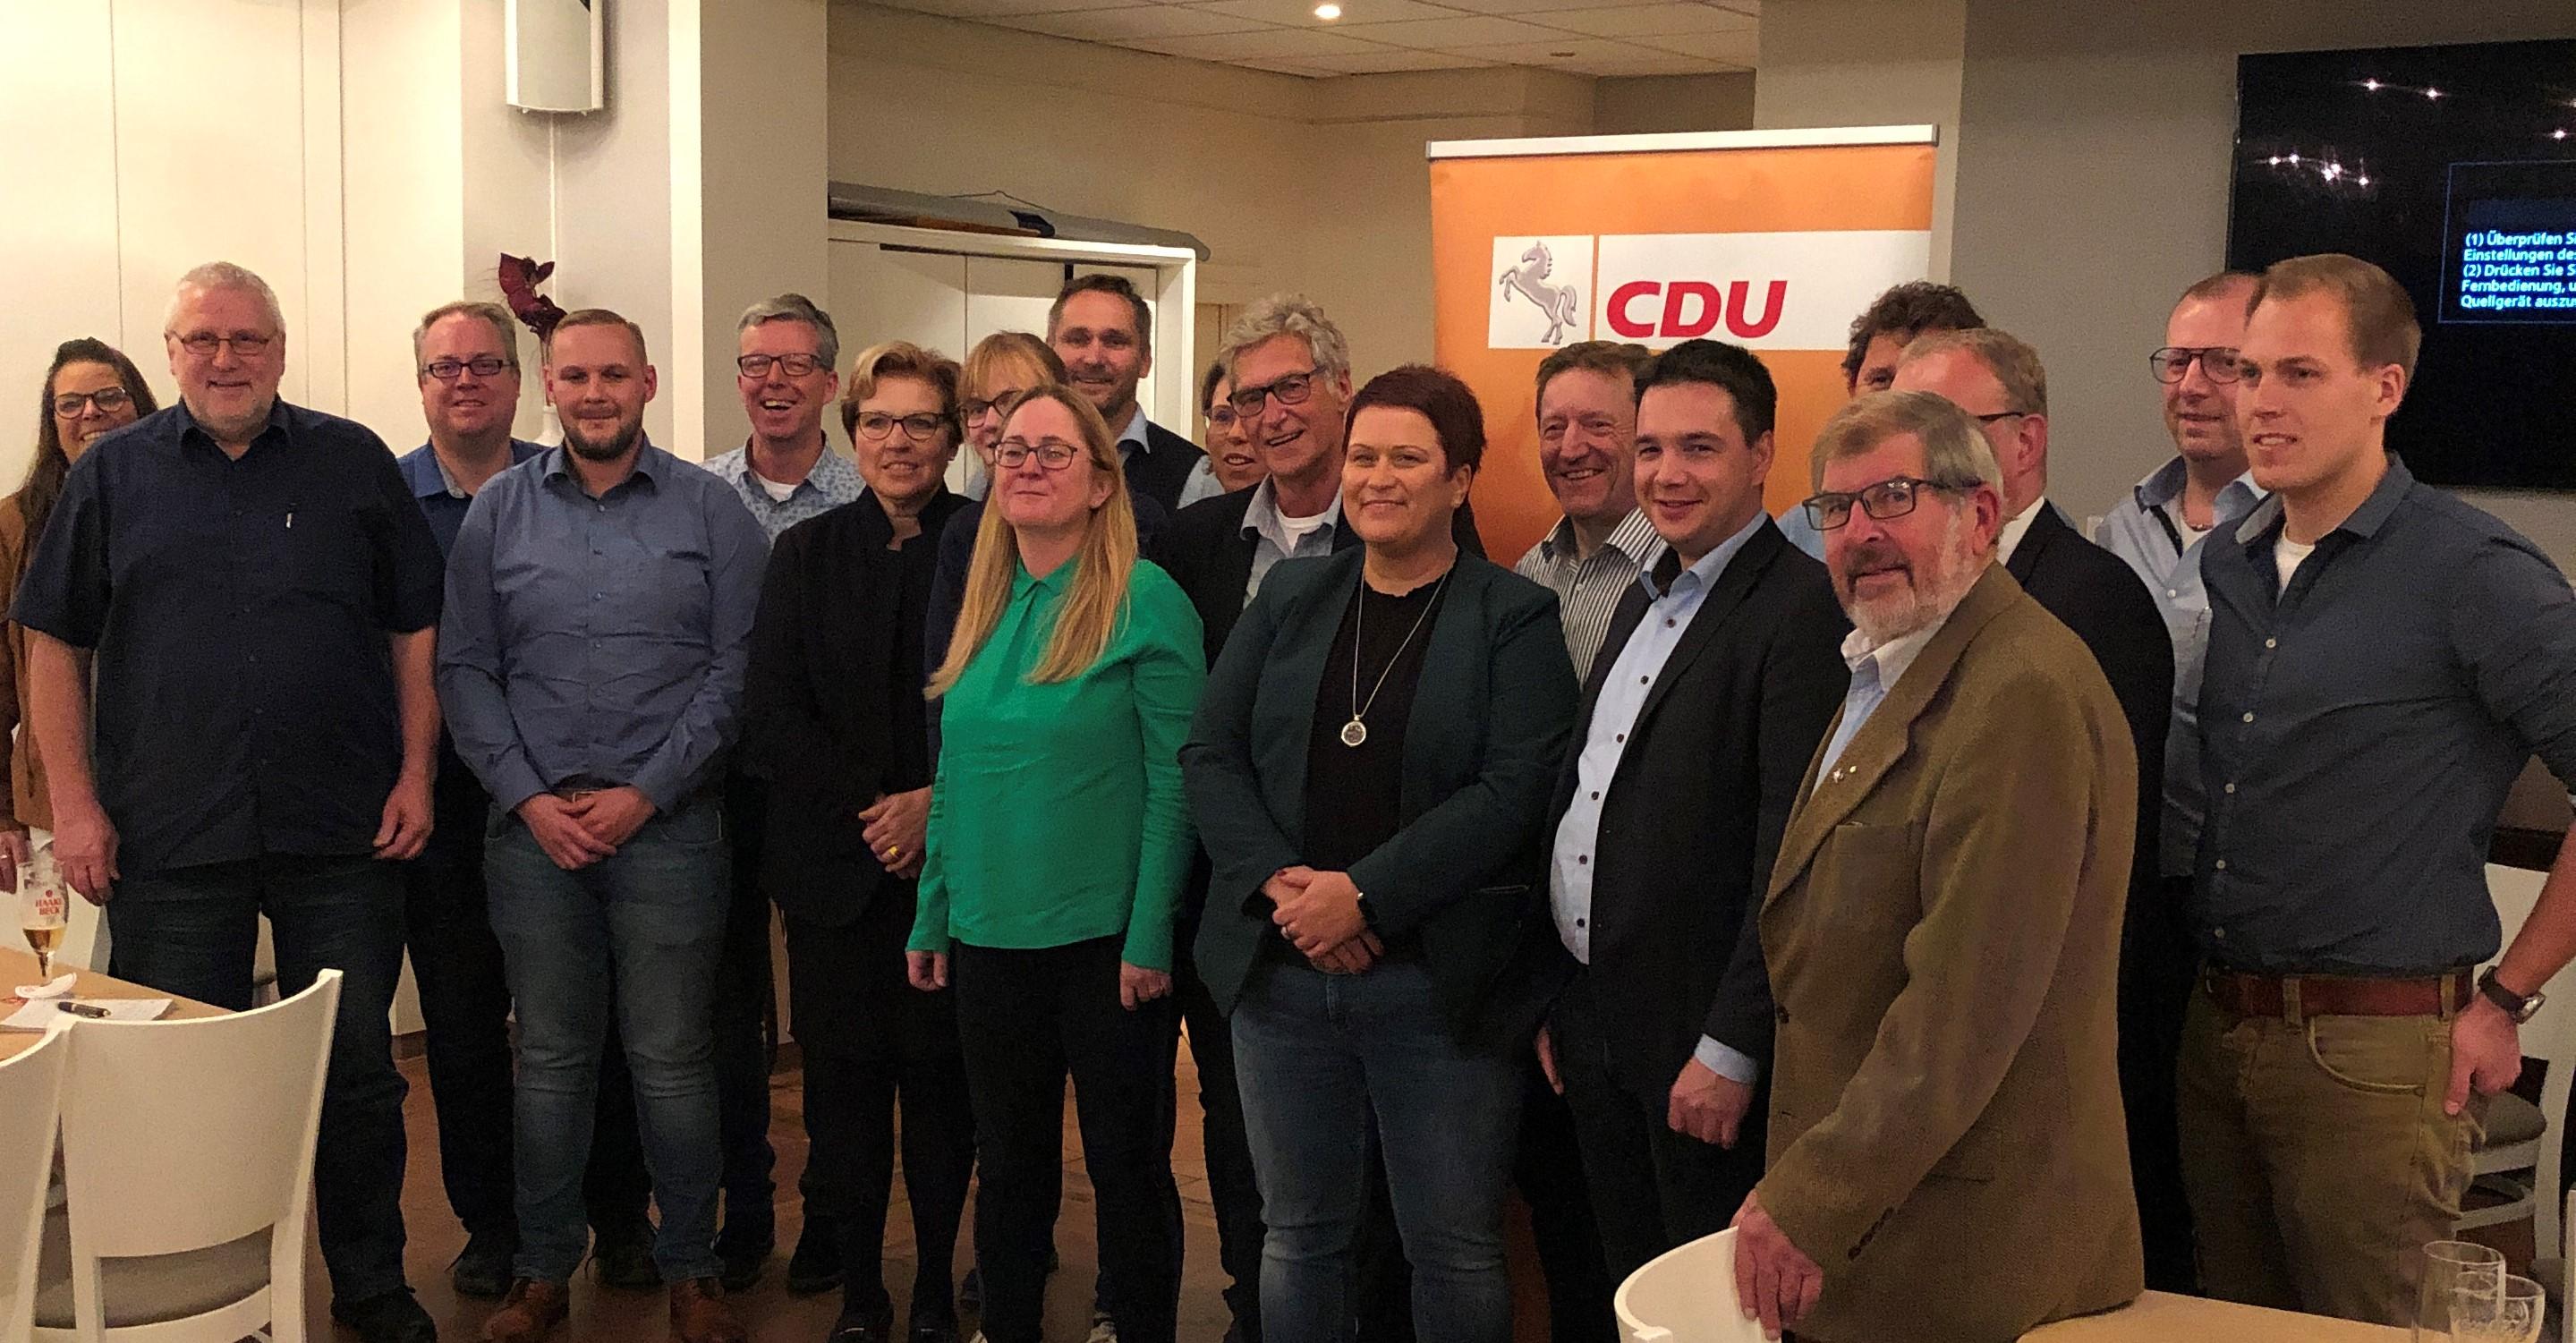 Vorstand CDU Stadtverband Twistringen inkl. MdL Marcel Scharrelmann und MdL Volker Meyer